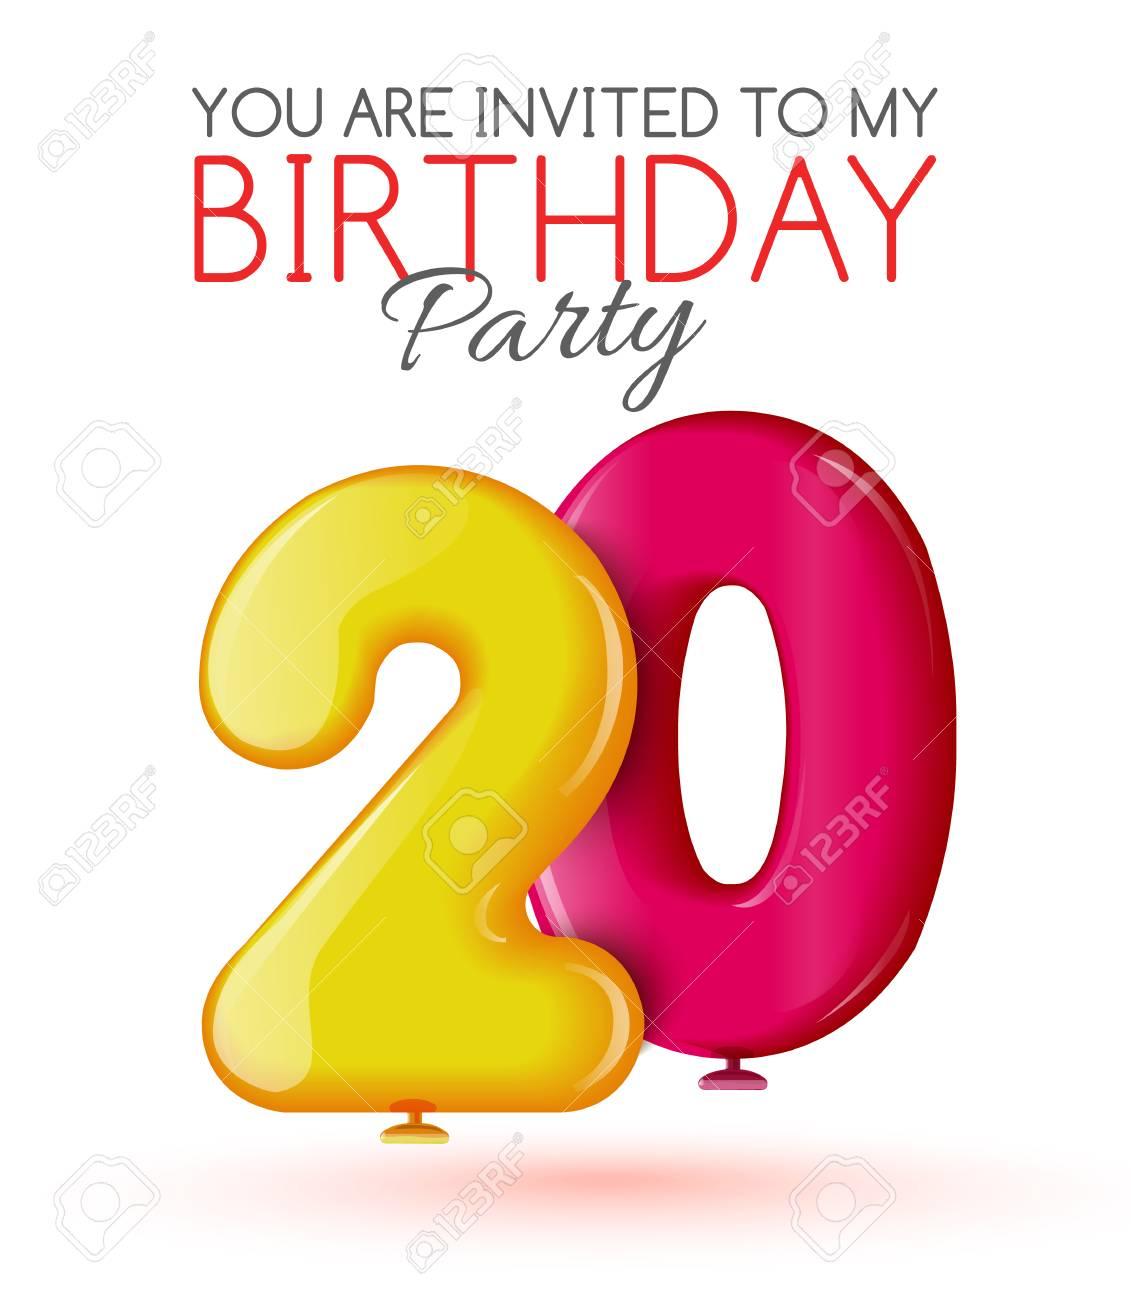 Einladung Zum 20. Geburtstag. Air 3D Roten Kugeln Aus Den Figuren.  Einladungskarte